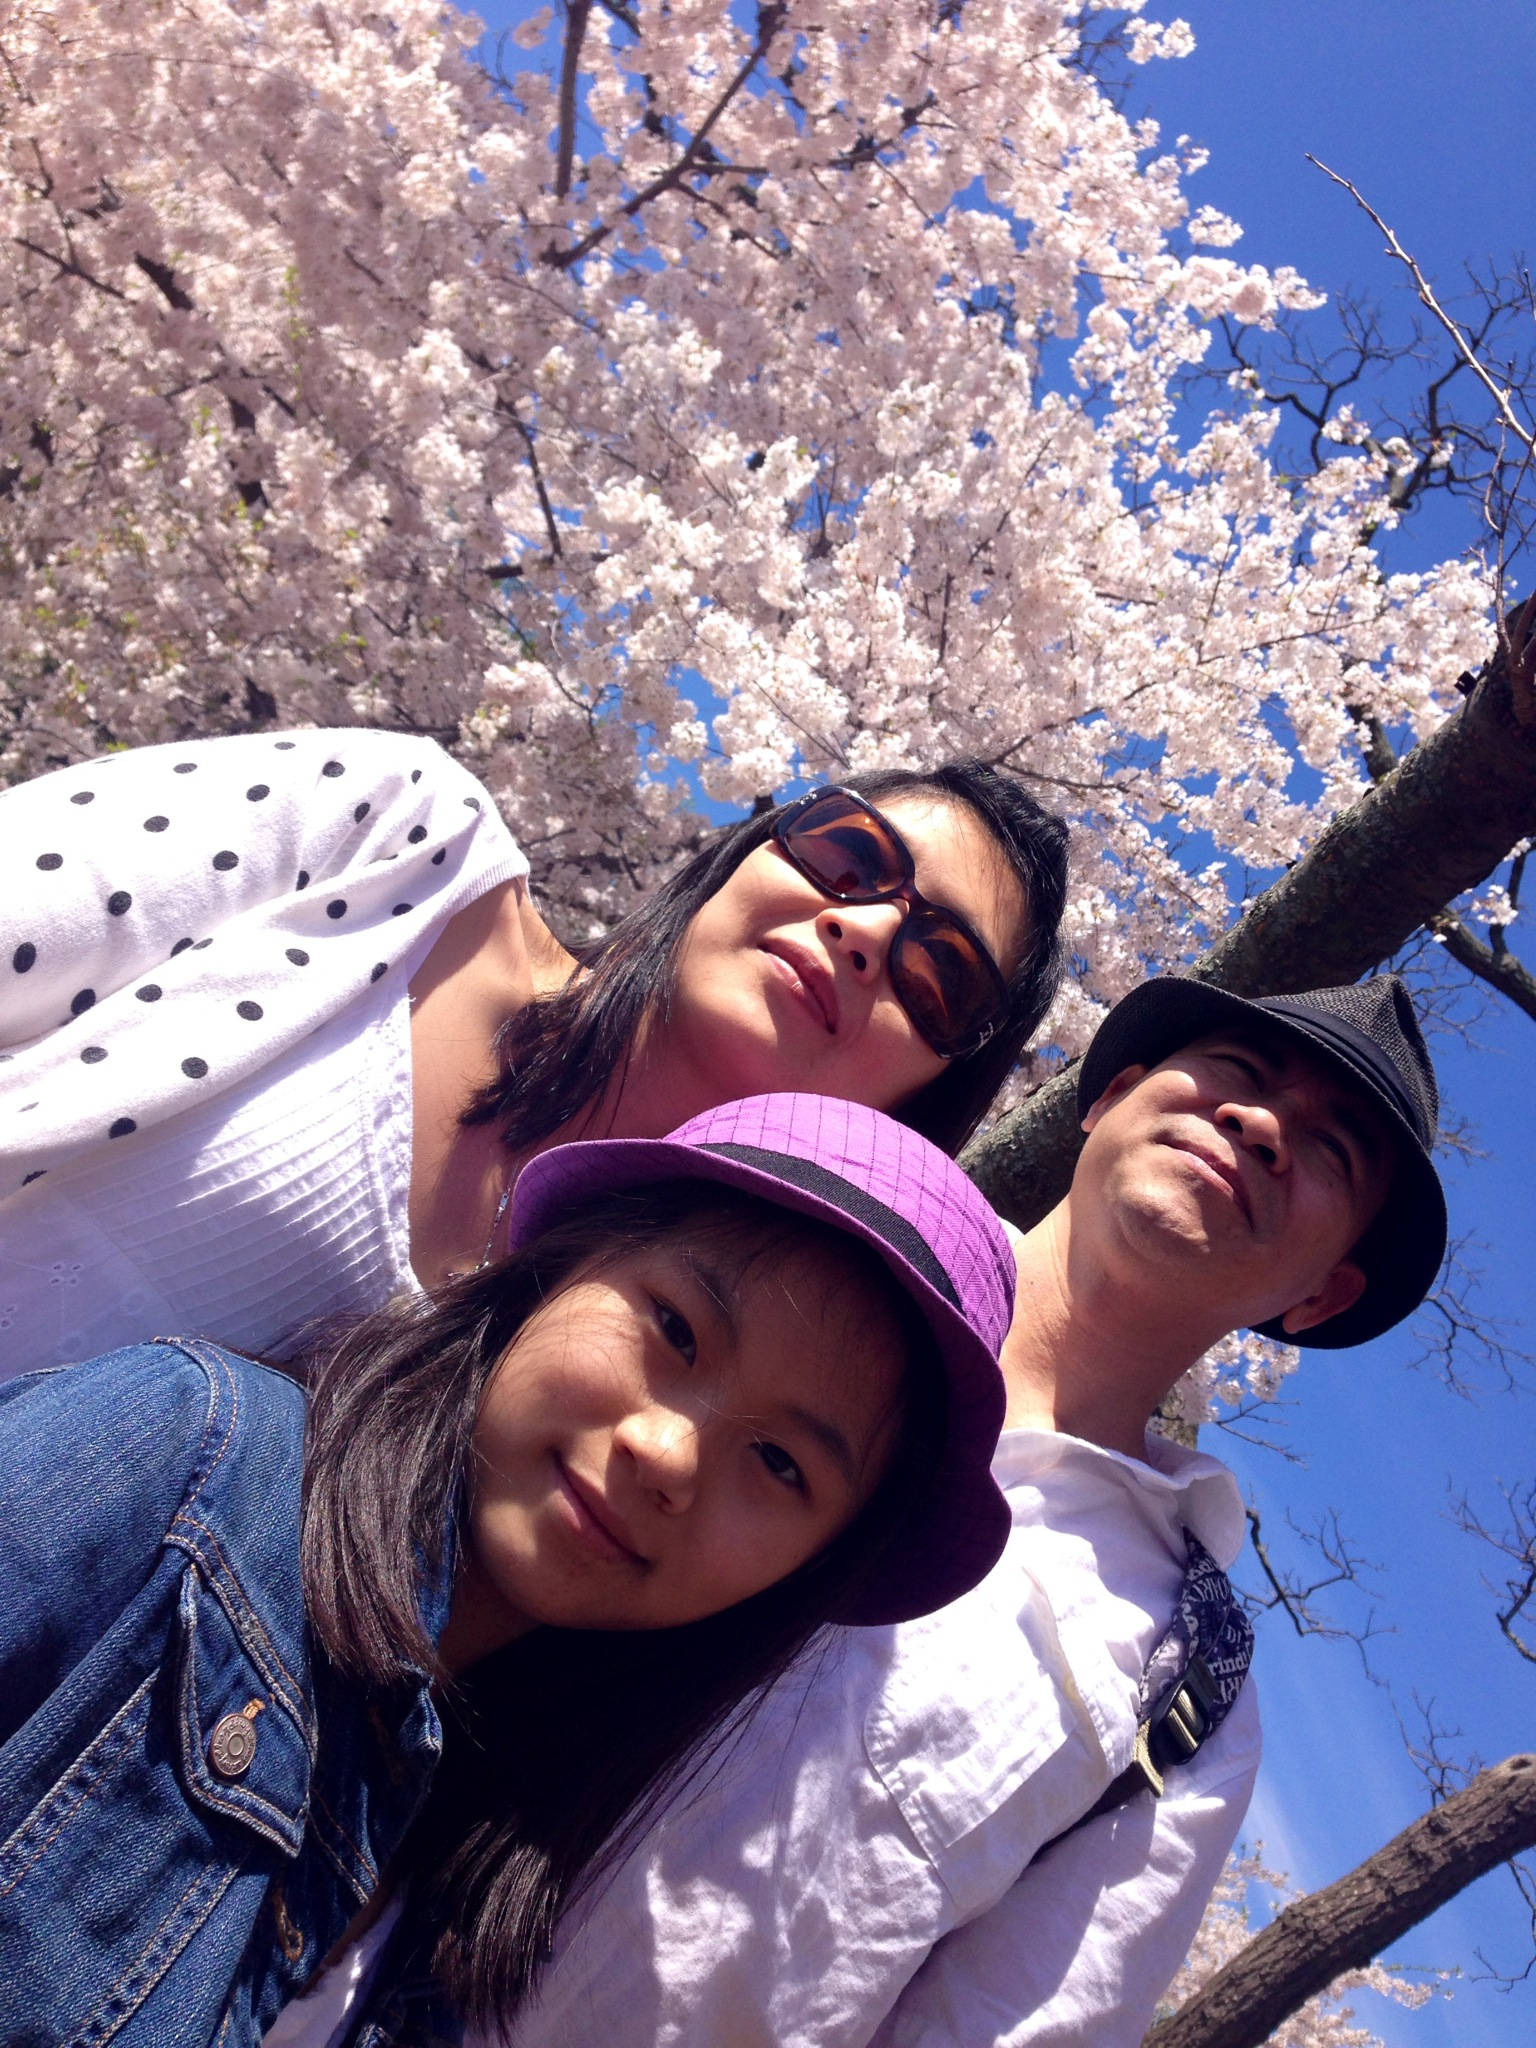 Angela, de 10 anos, com os pais, Thoa e Trieu: família vietnamita admirando a Cherry Blossom